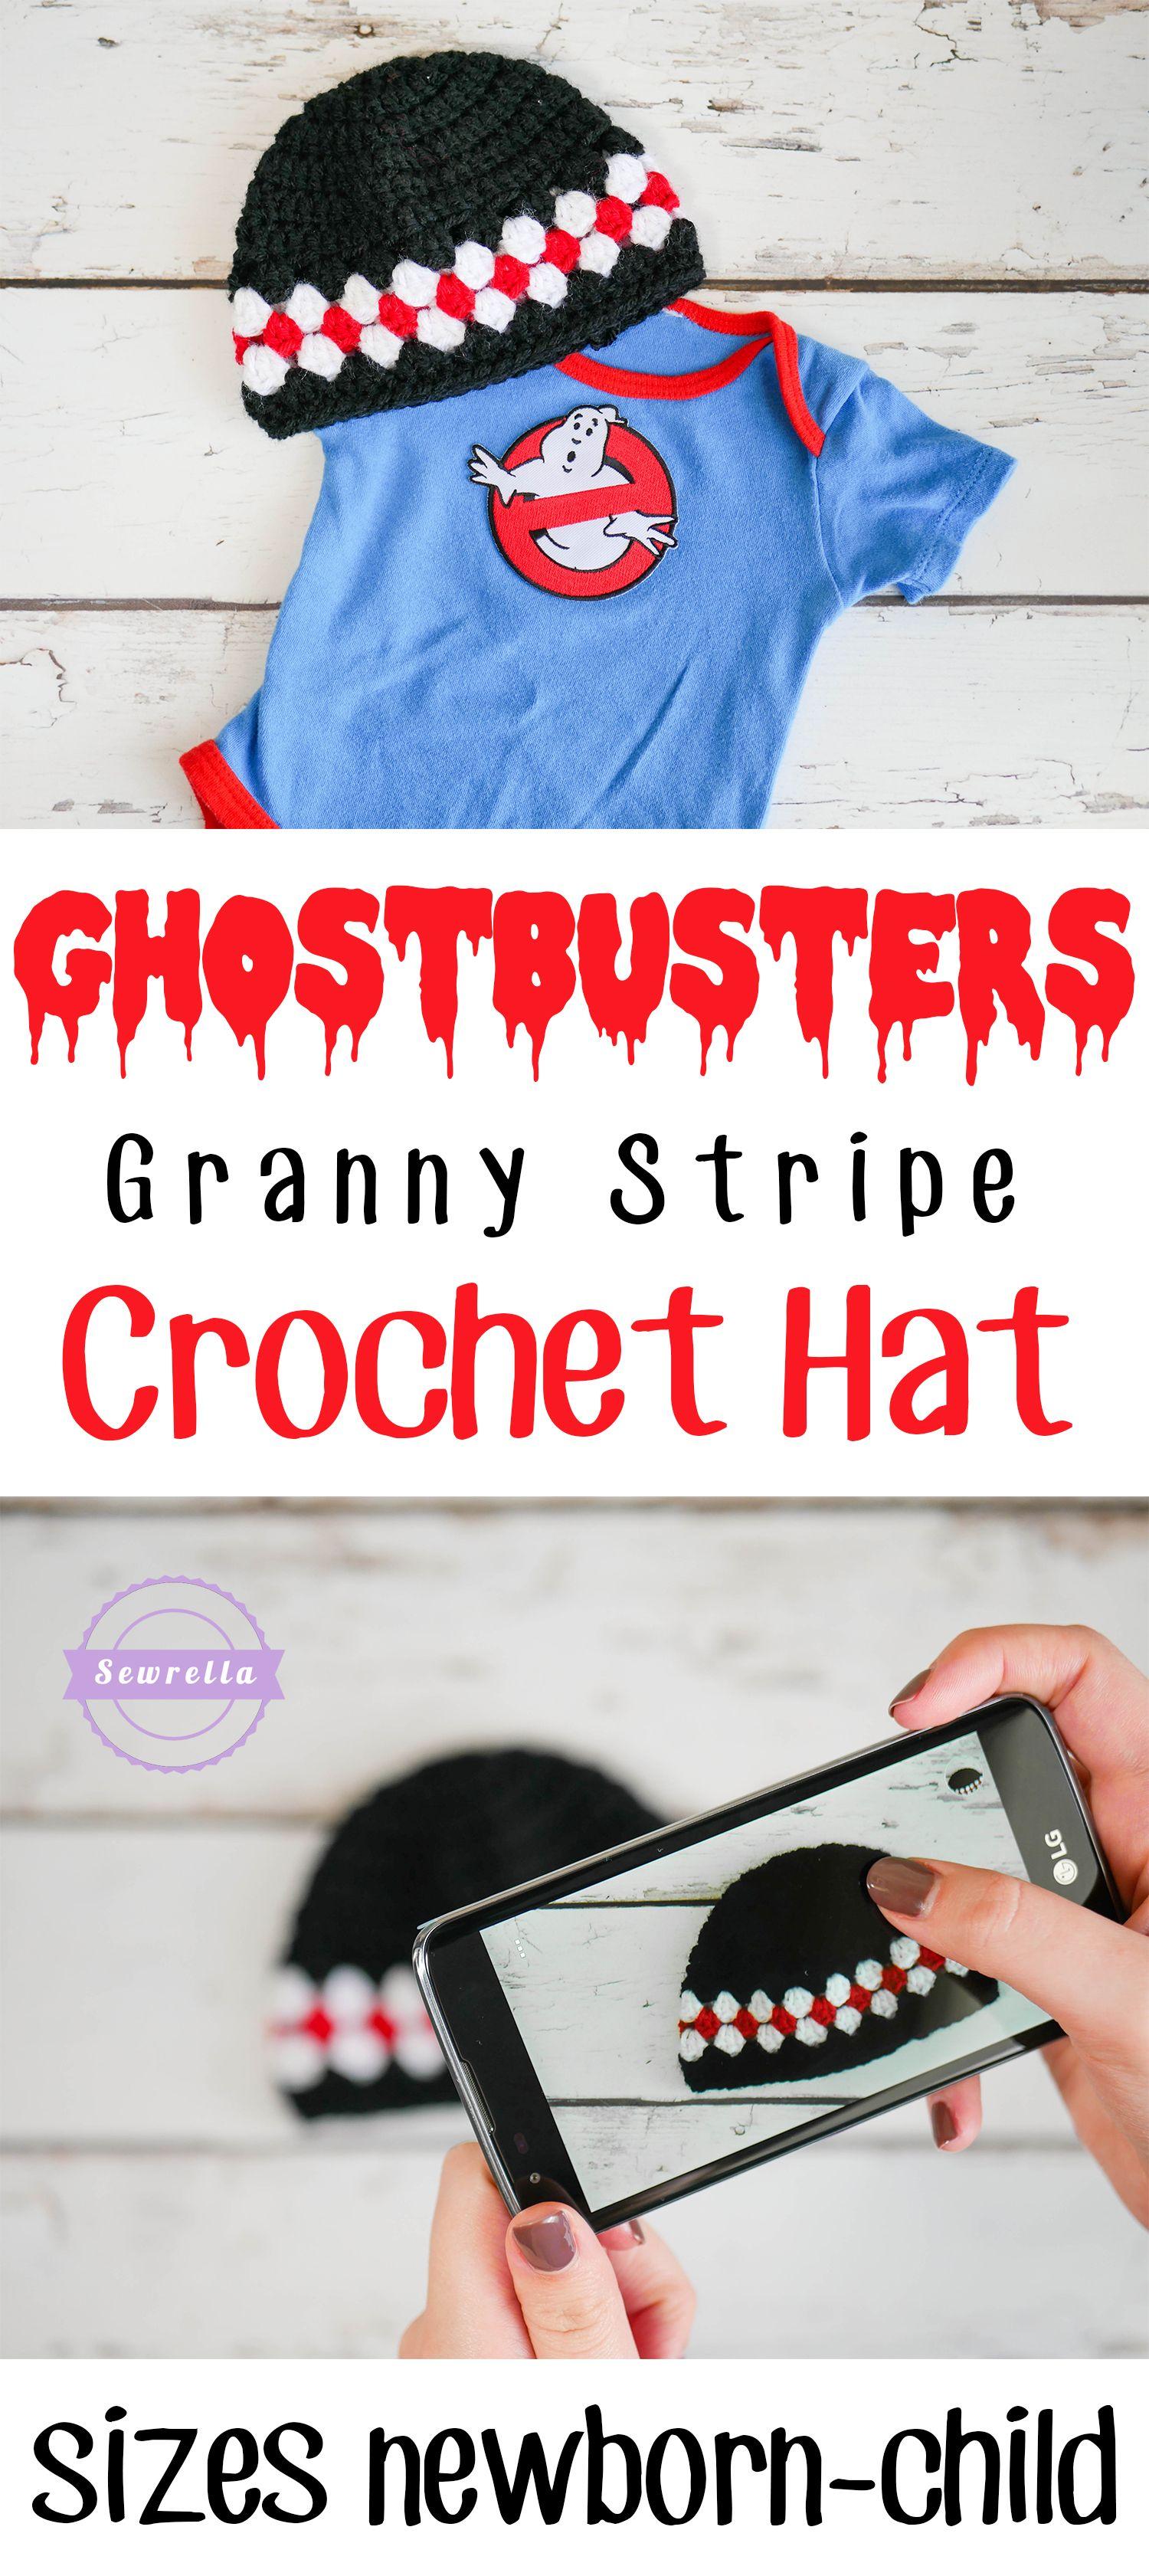 Ghostbusters Granny Stripe Crochet Hat | Pinterest